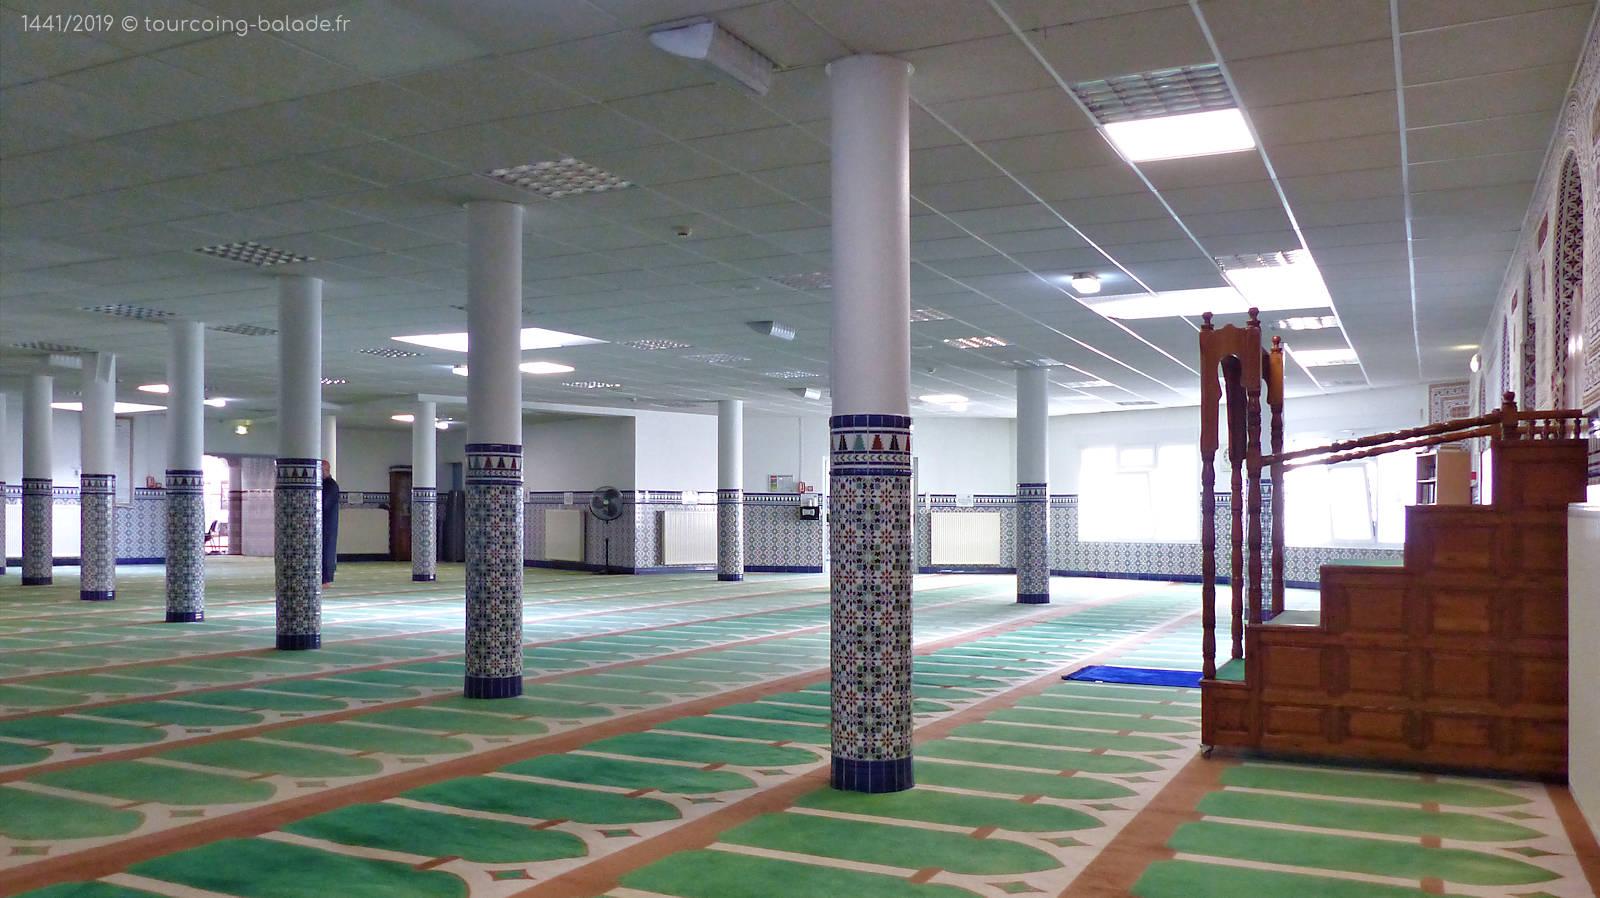 Mosquée Assalam Tourcoing France - Salle de prières et Minbar